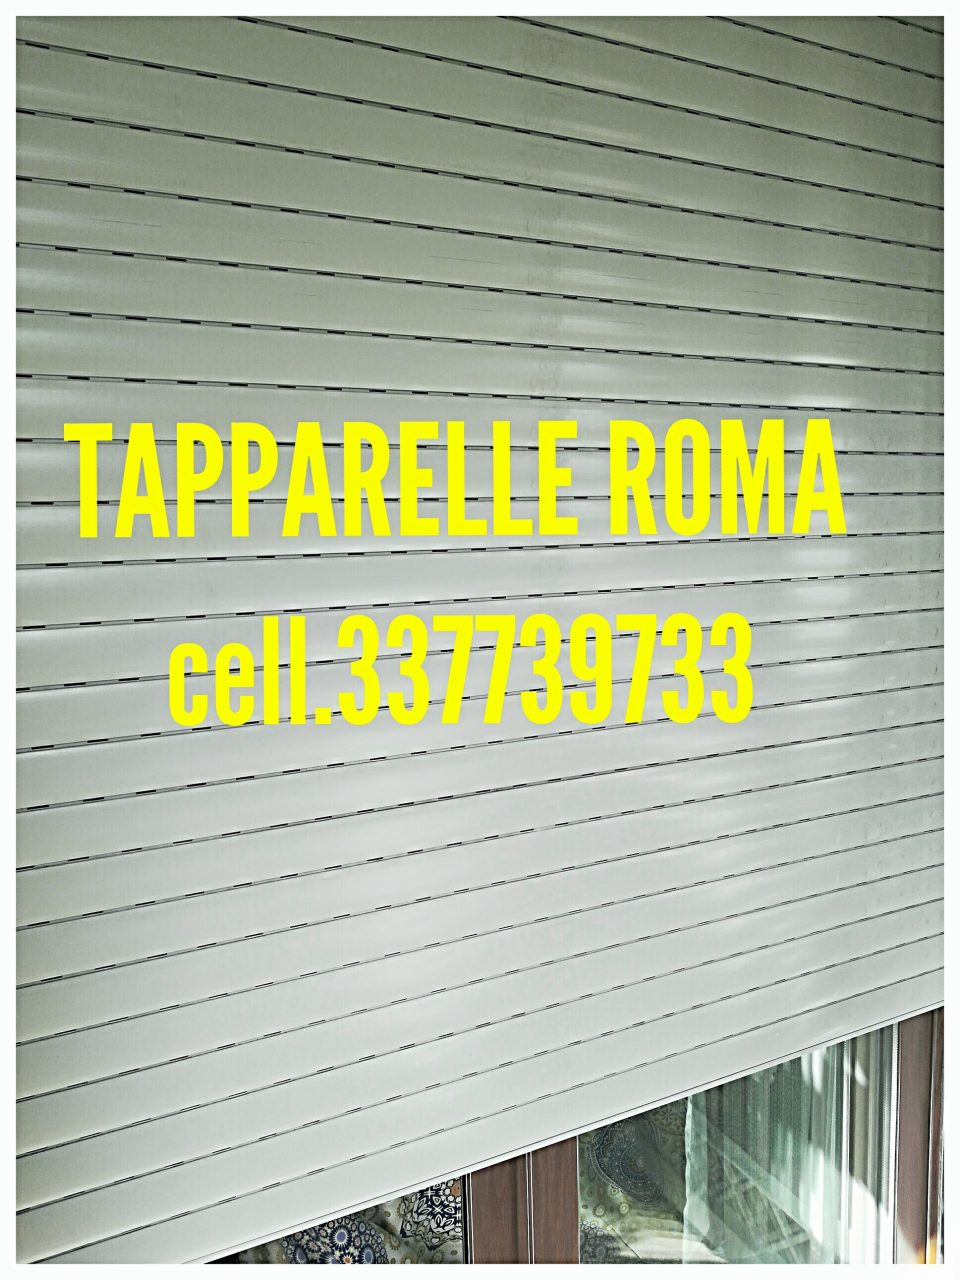 Riparazione tapparelle Fidene Nuovo Salario Roma Dario cell.337739733